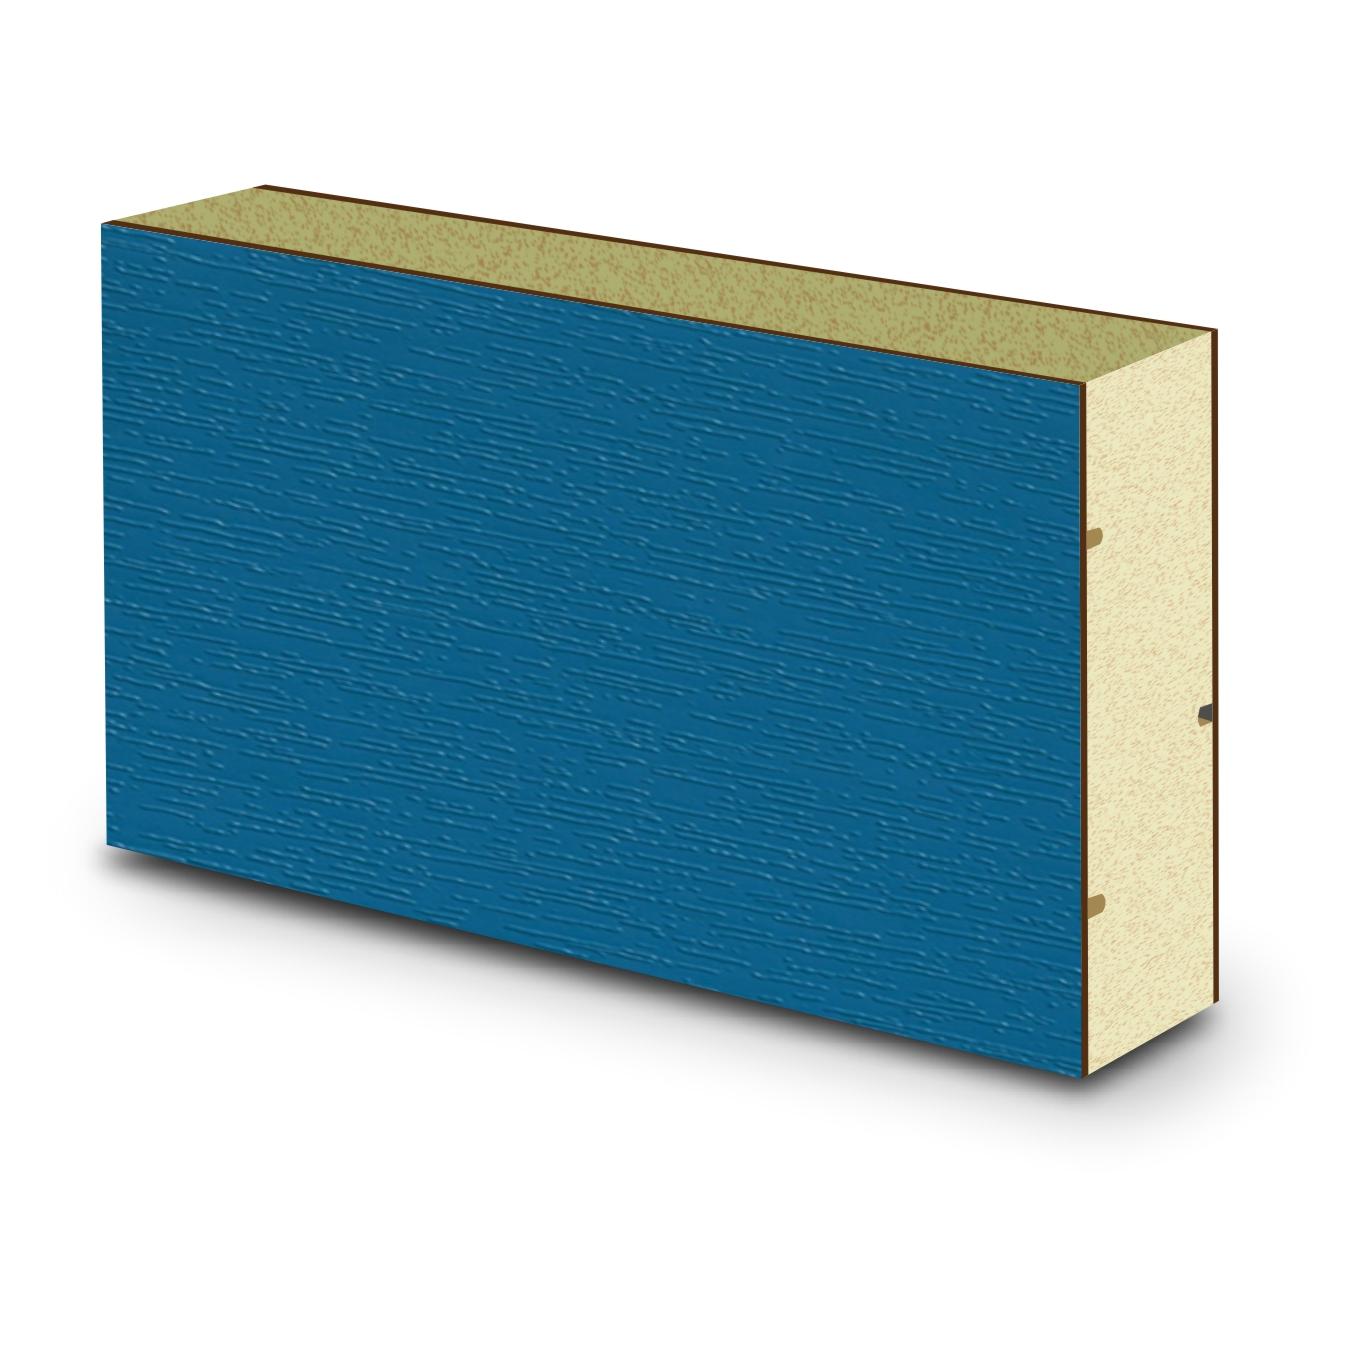 plyta-5007.05-167-Renolit-500705167-Brillantblau